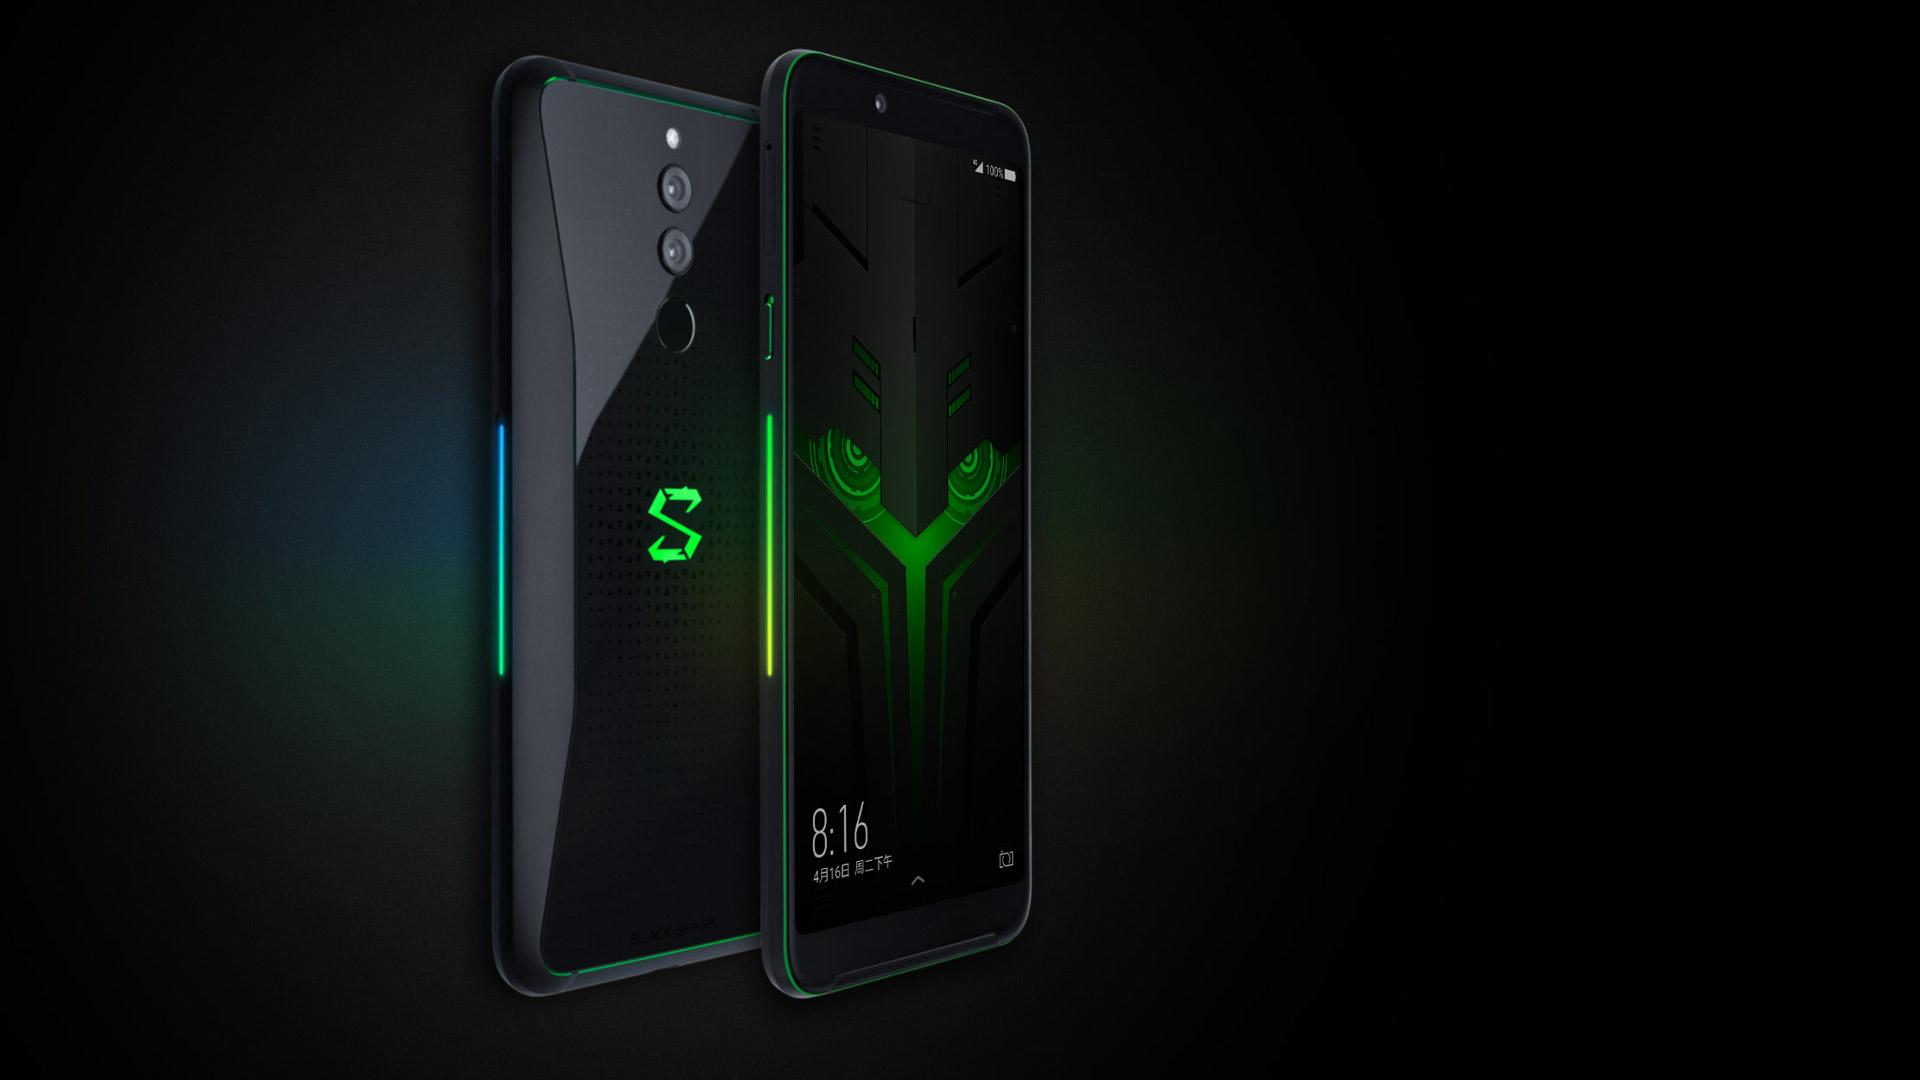 مقارنة بين هاتفي الألعاب الأميز هاتف Razer Phone 2 وهاتف Xiaomi Black Shark Helo